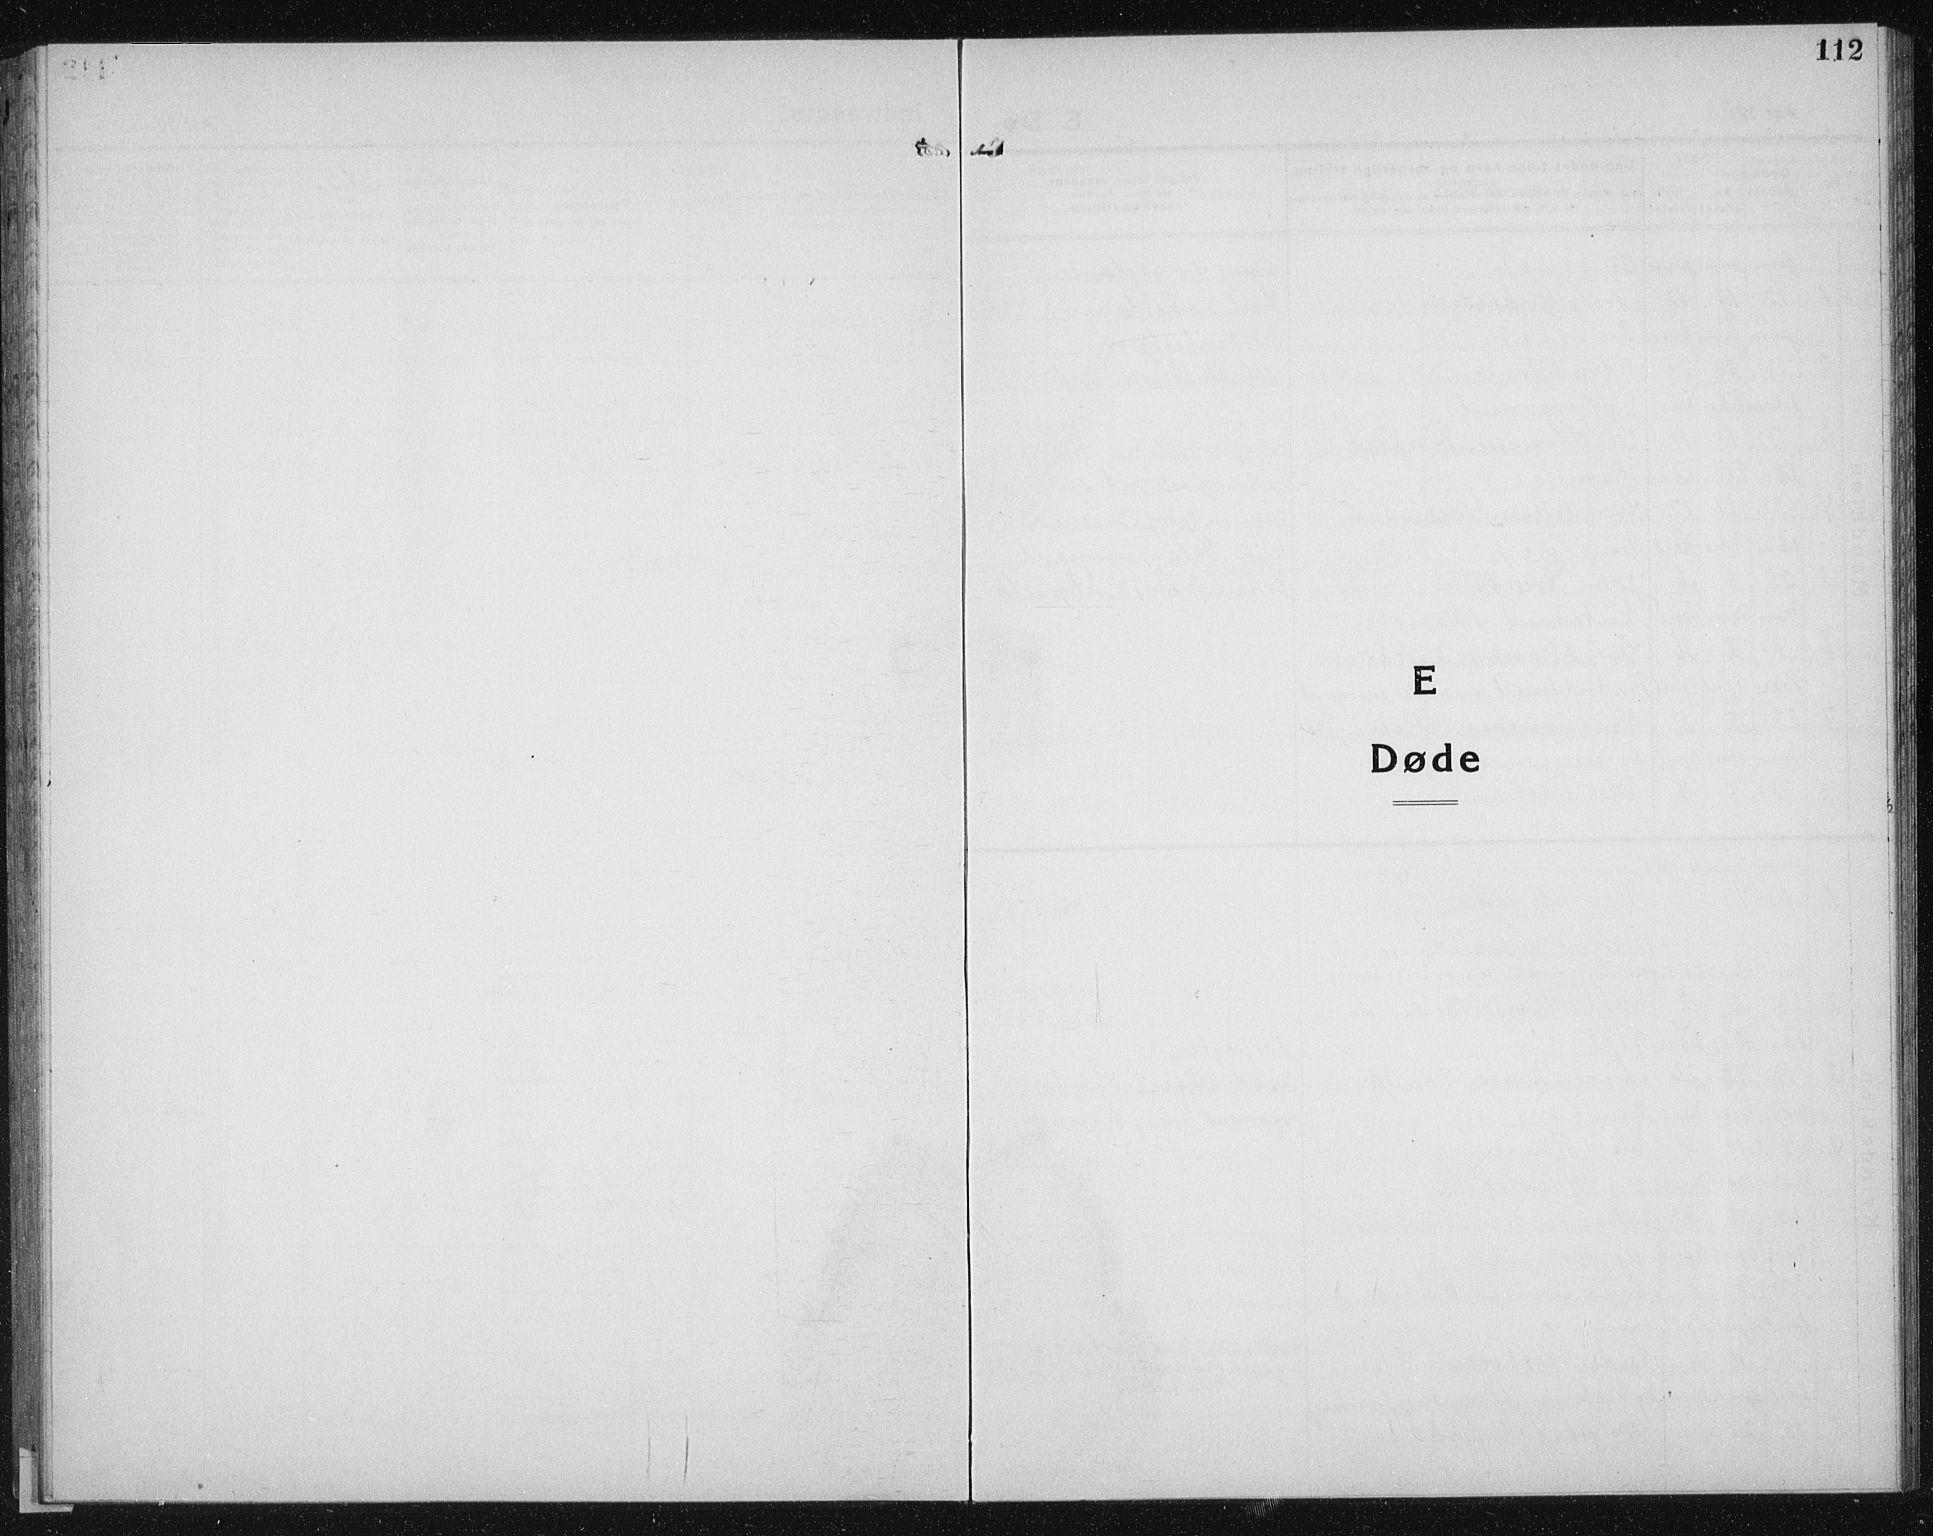 SAT, Ministerialprotokoller, klokkerbøker og fødselsregistre - Sør-Trøndelag, 603/L0176: Klokkerbok nr. 603C04, 1923-1941, s. 112